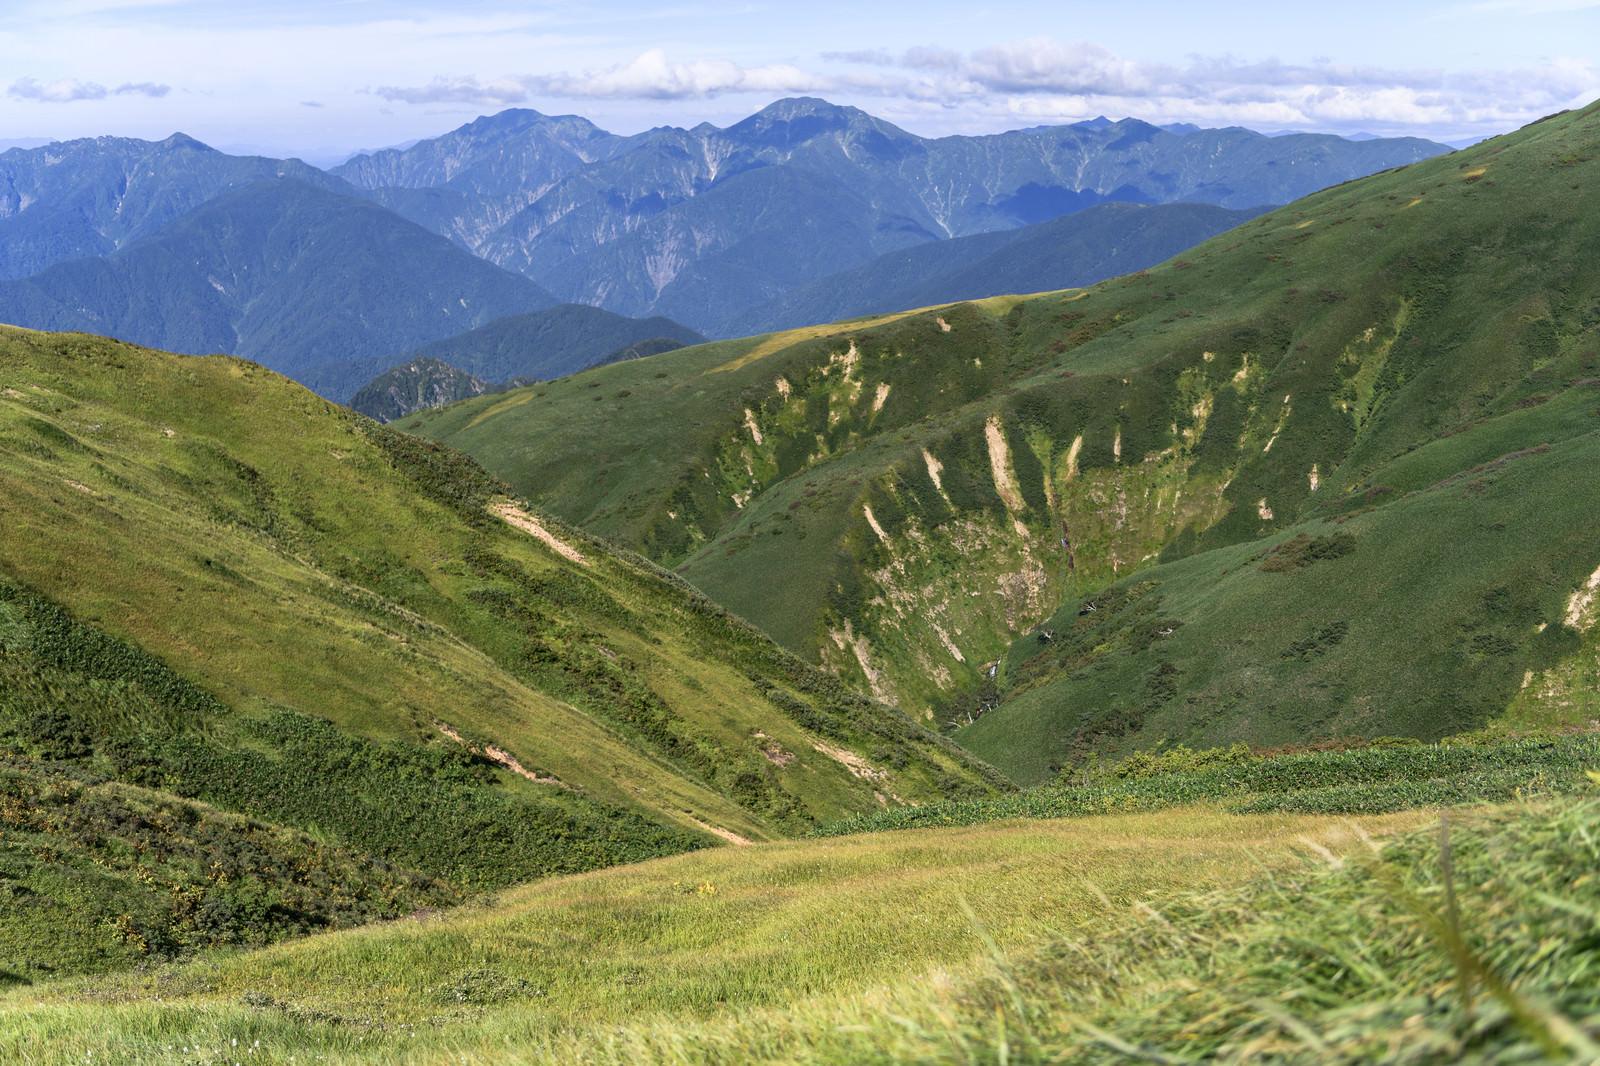 「巻機山の大きな谷と越後駒ヶ岳たち」の写真